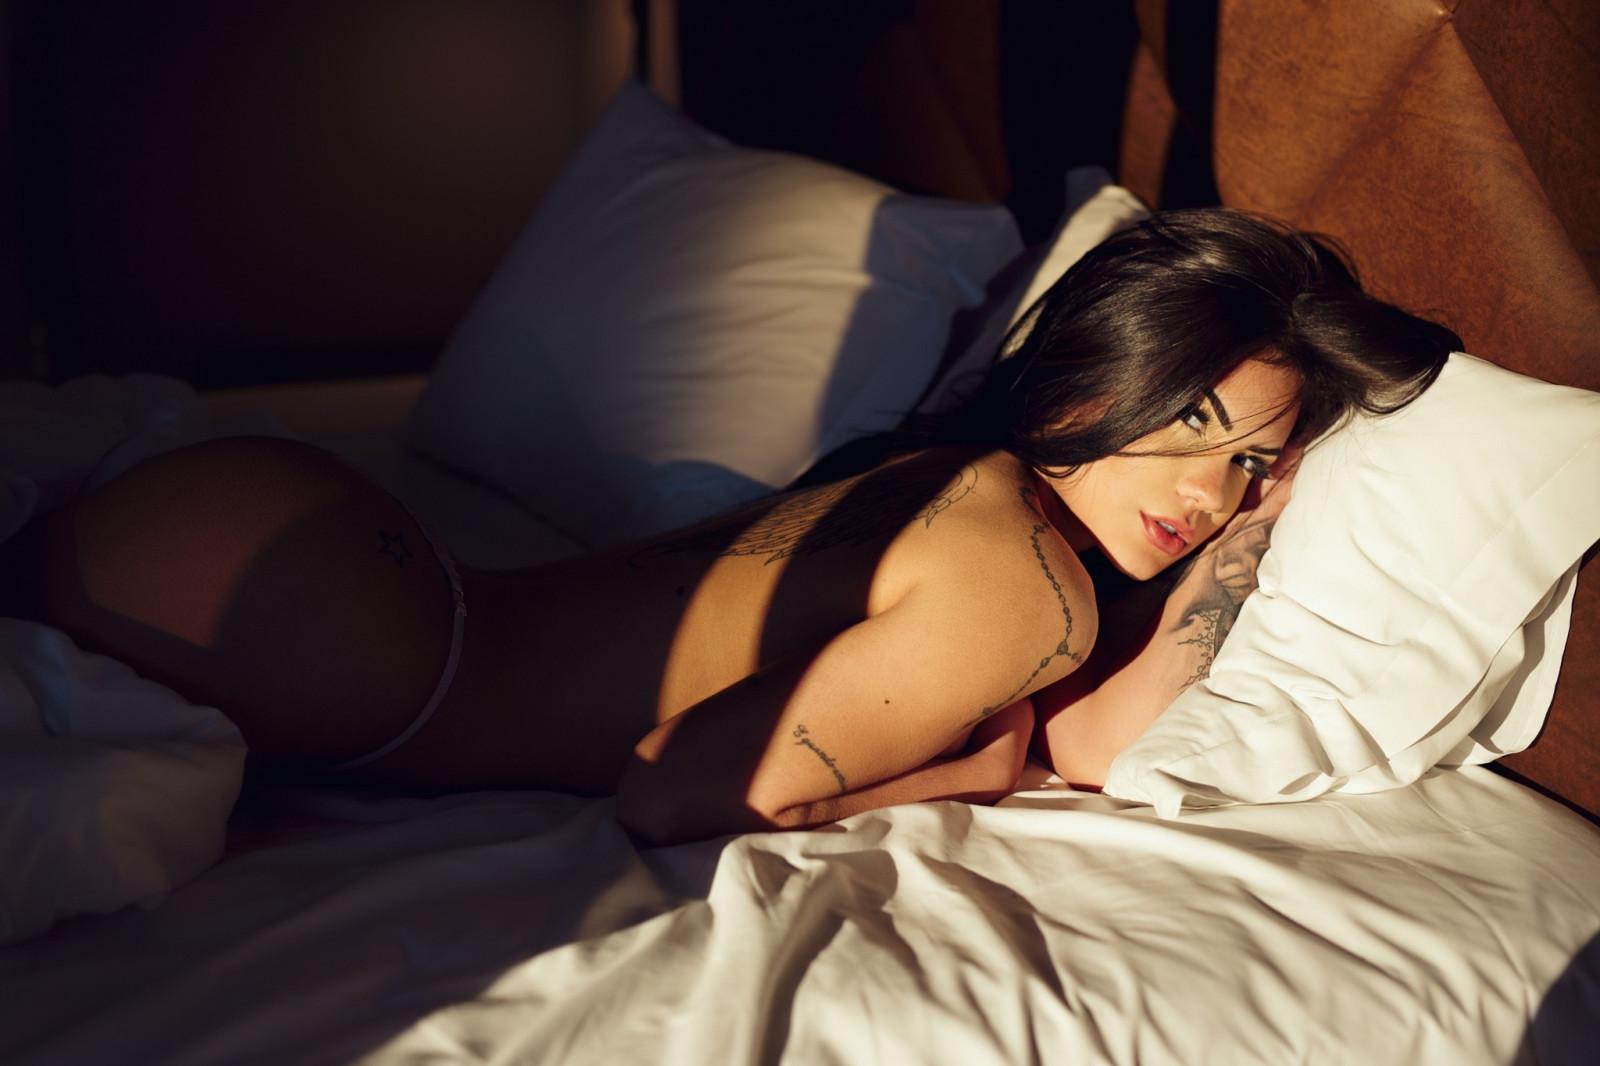 Порно кастинг деревенской девки порно фото бесплатно